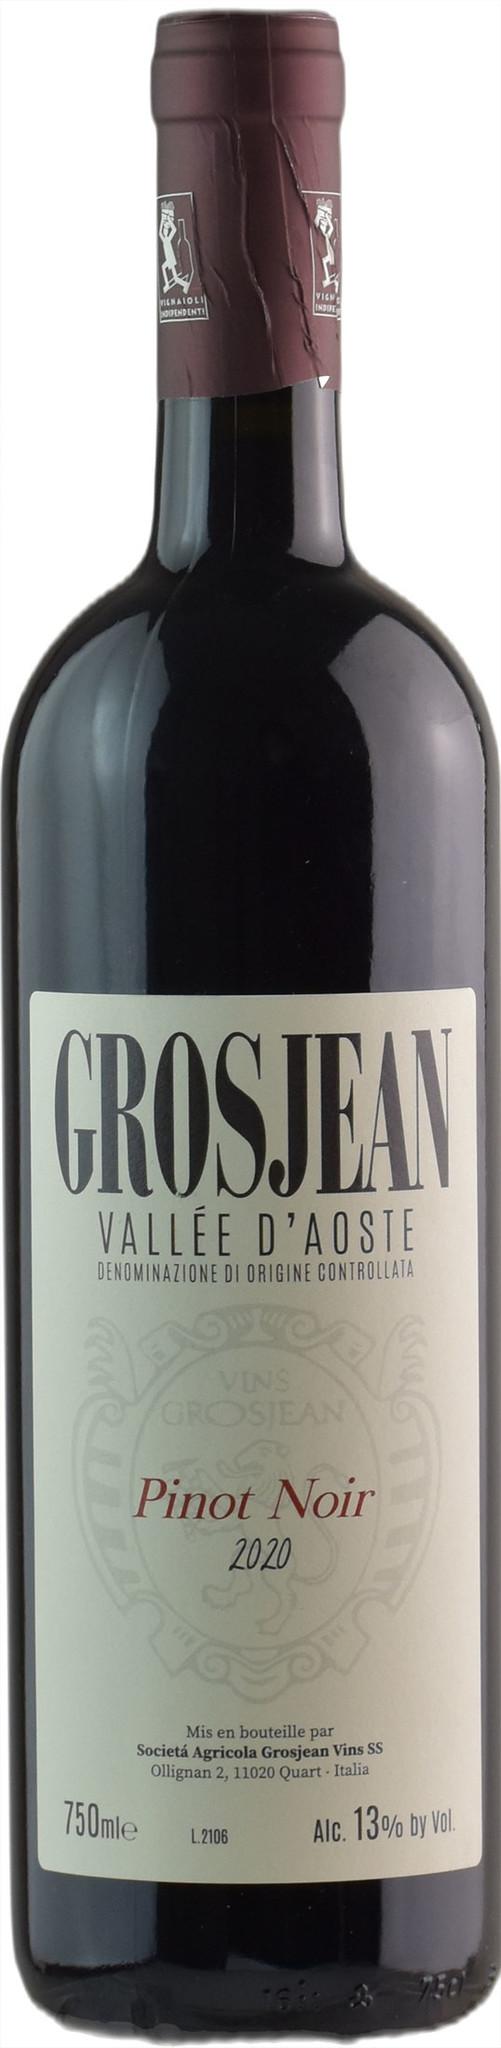 Grosjean Pinot Noir Valee d'Aoste 2018 750ml